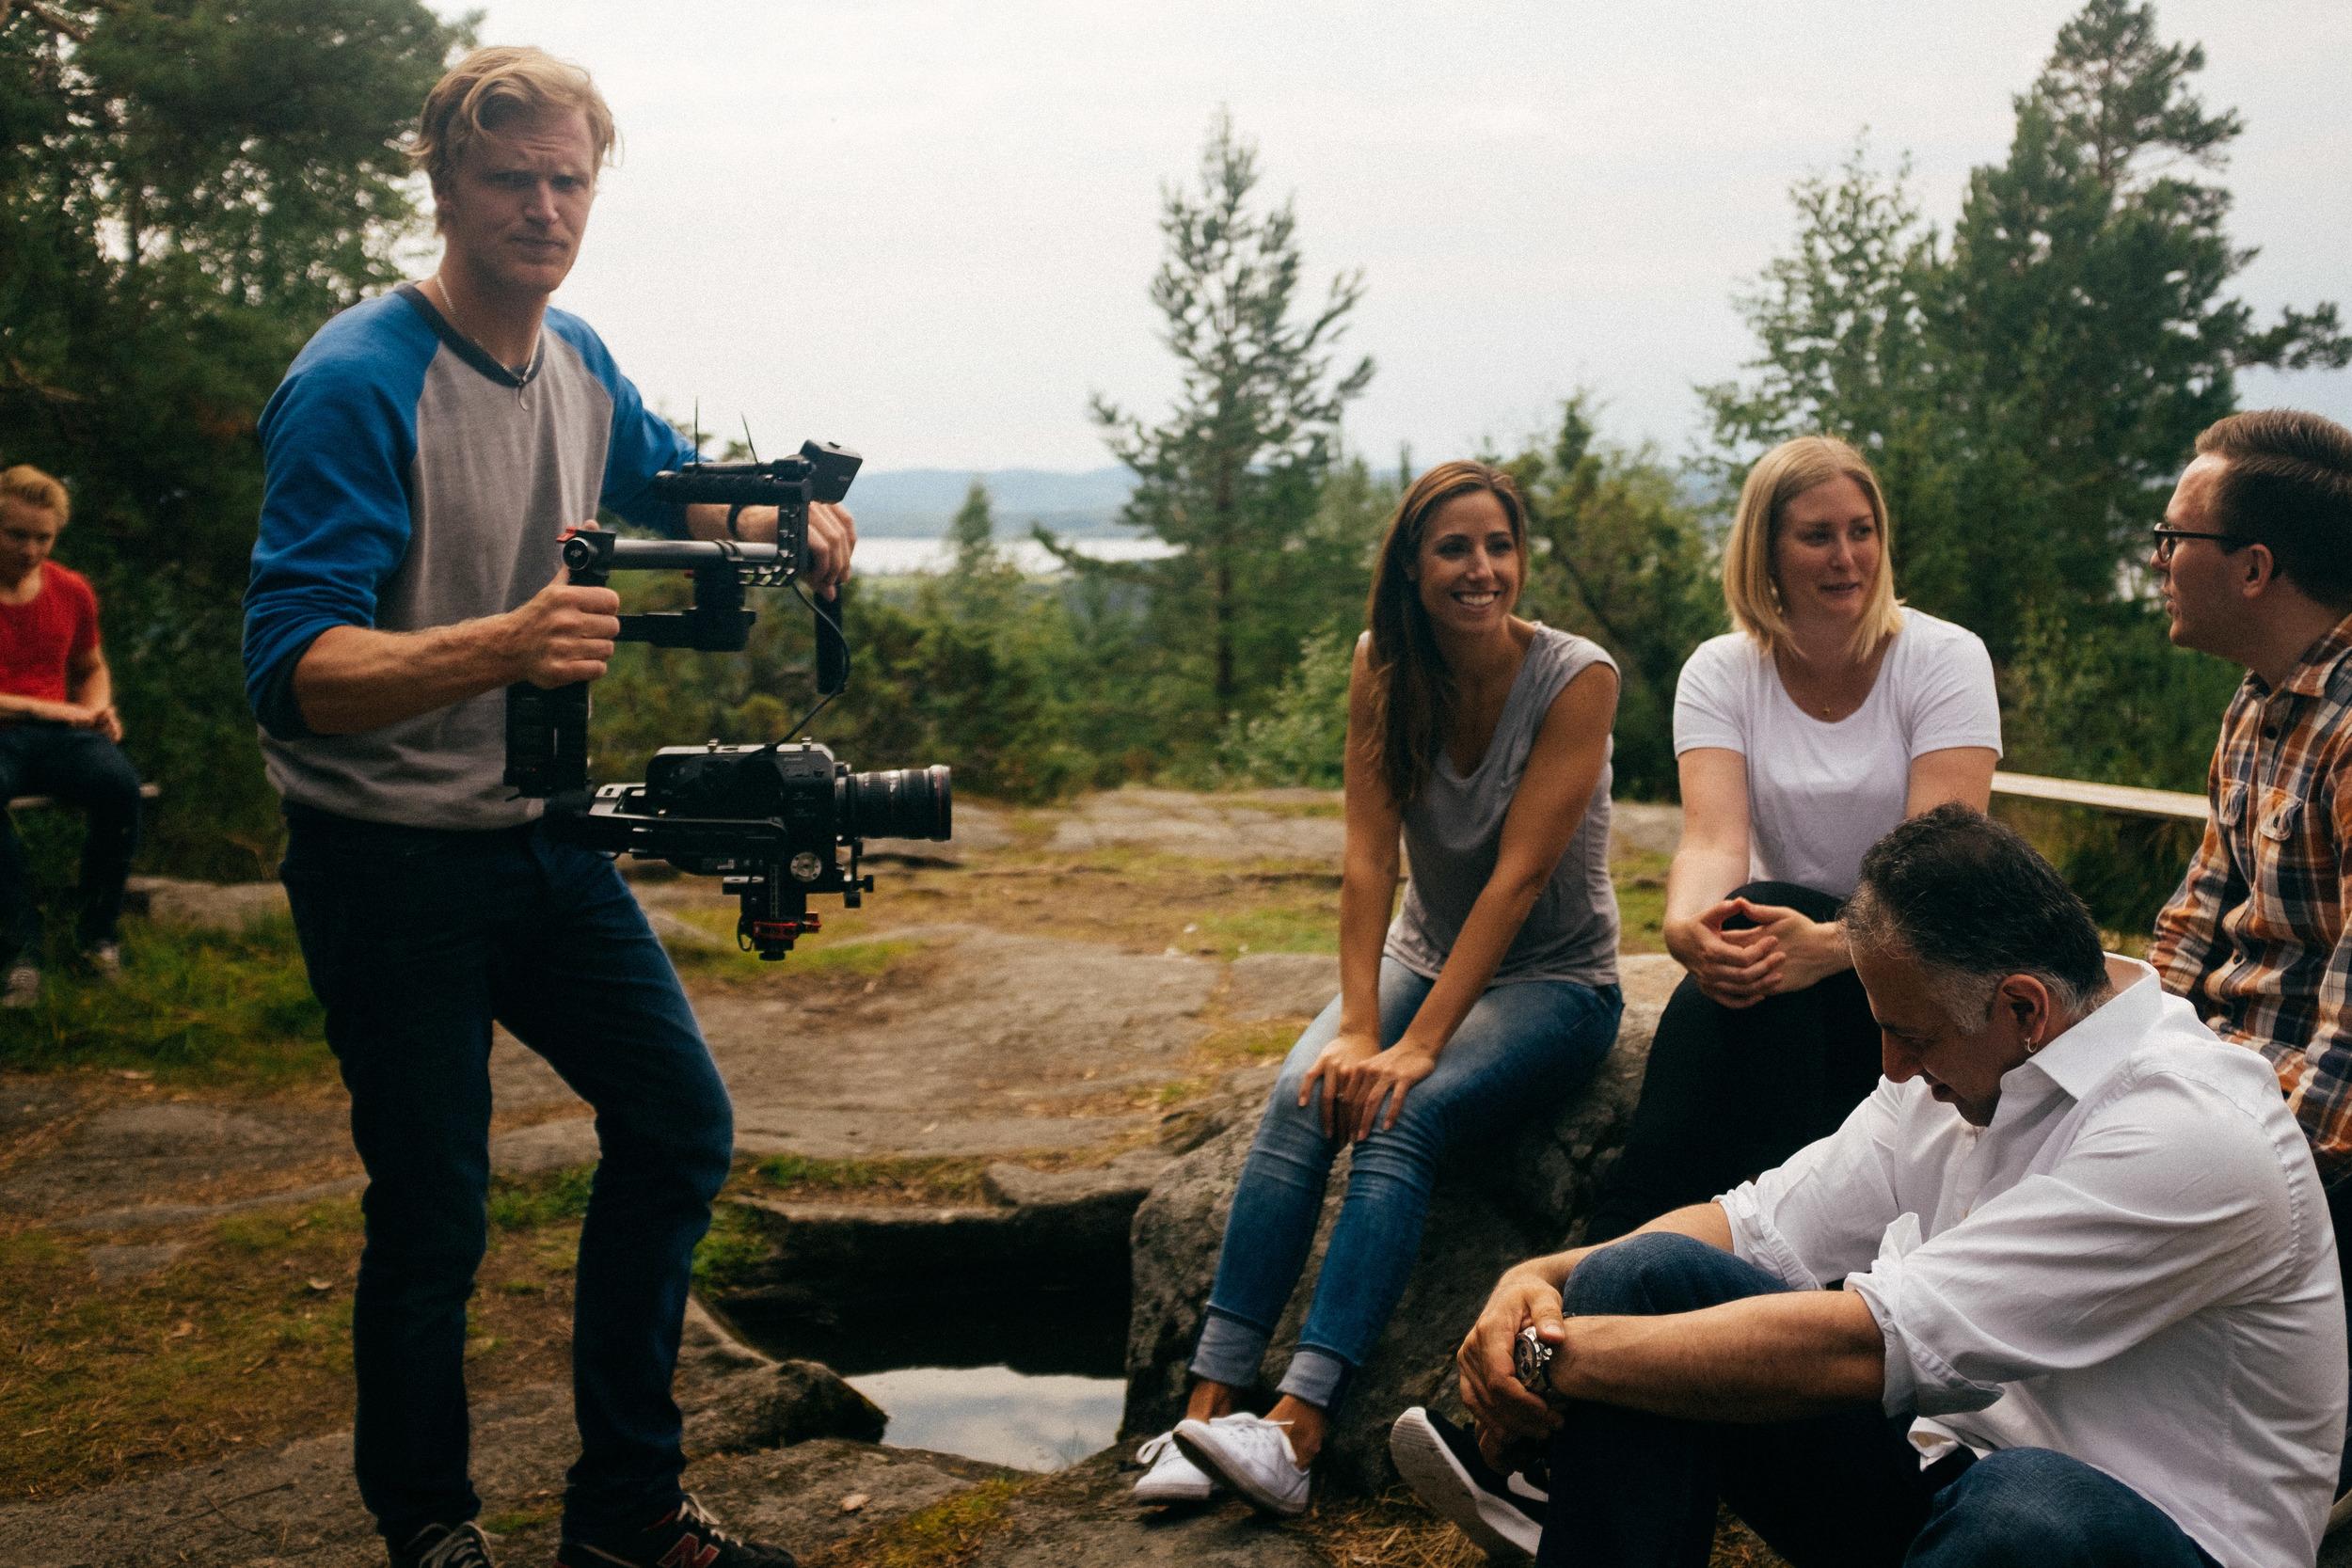 Martin fotar skådespelarna på Digerberget med FS7 och Ronin. En scen som senare blev bortklippt.